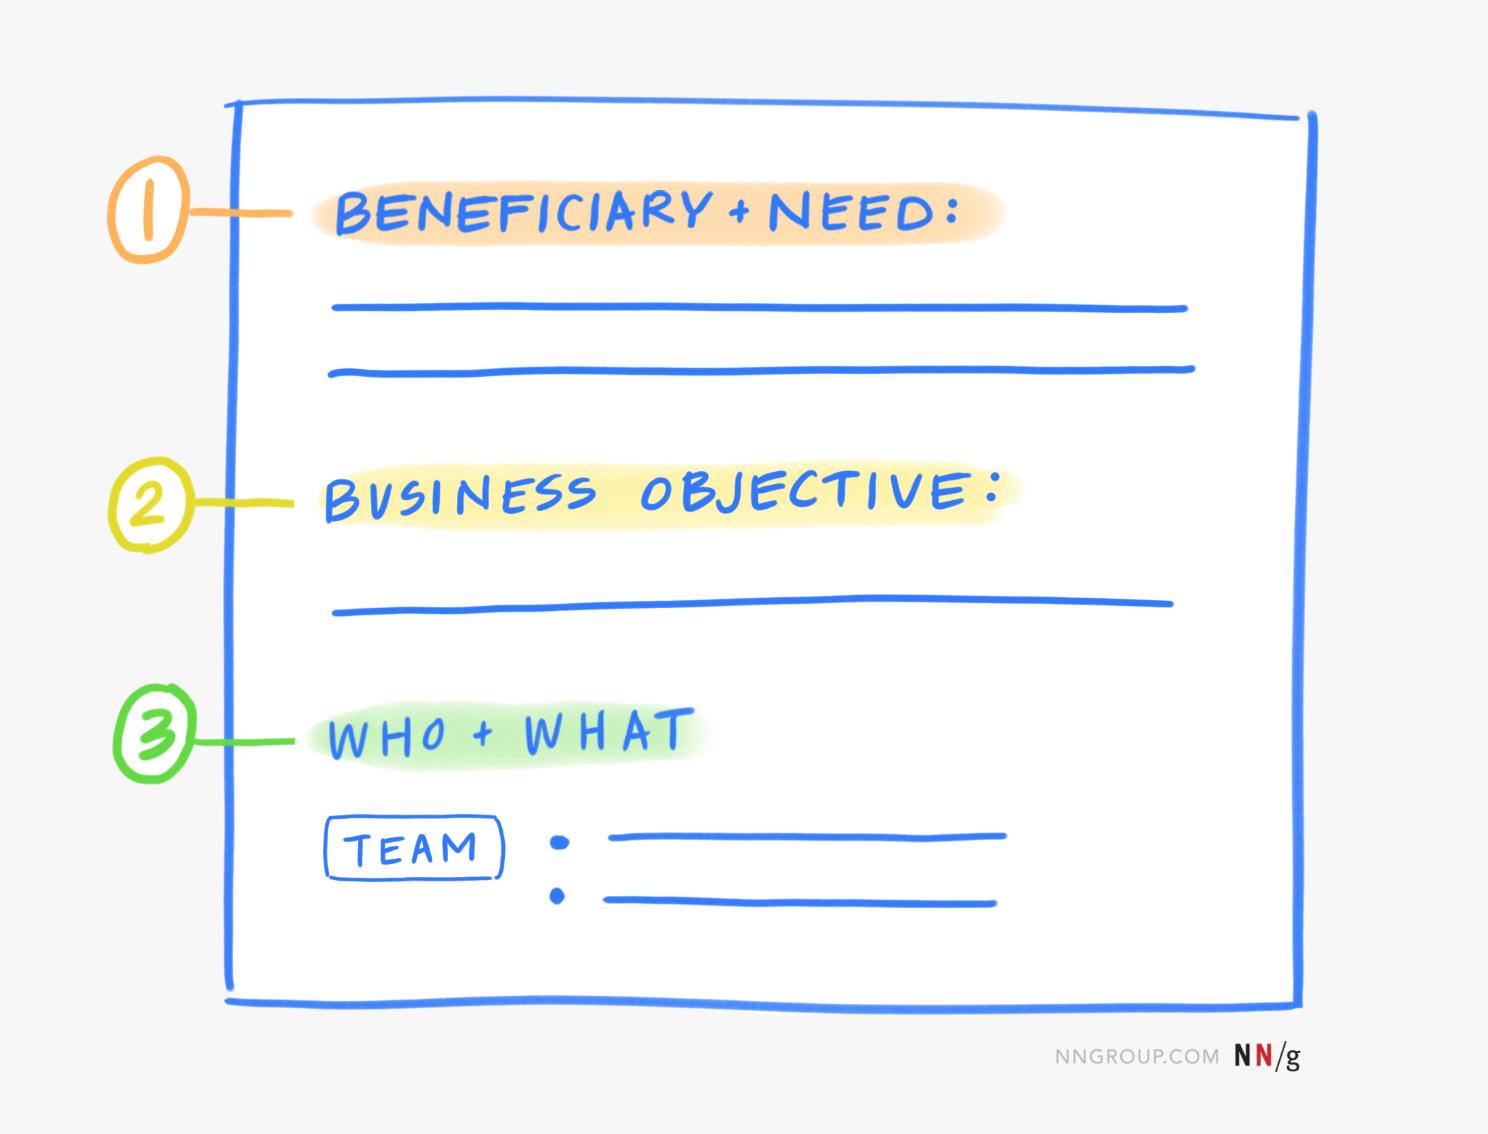 主题由3件事组成:受益人和需要,业务结果以及将解决问题的团队。